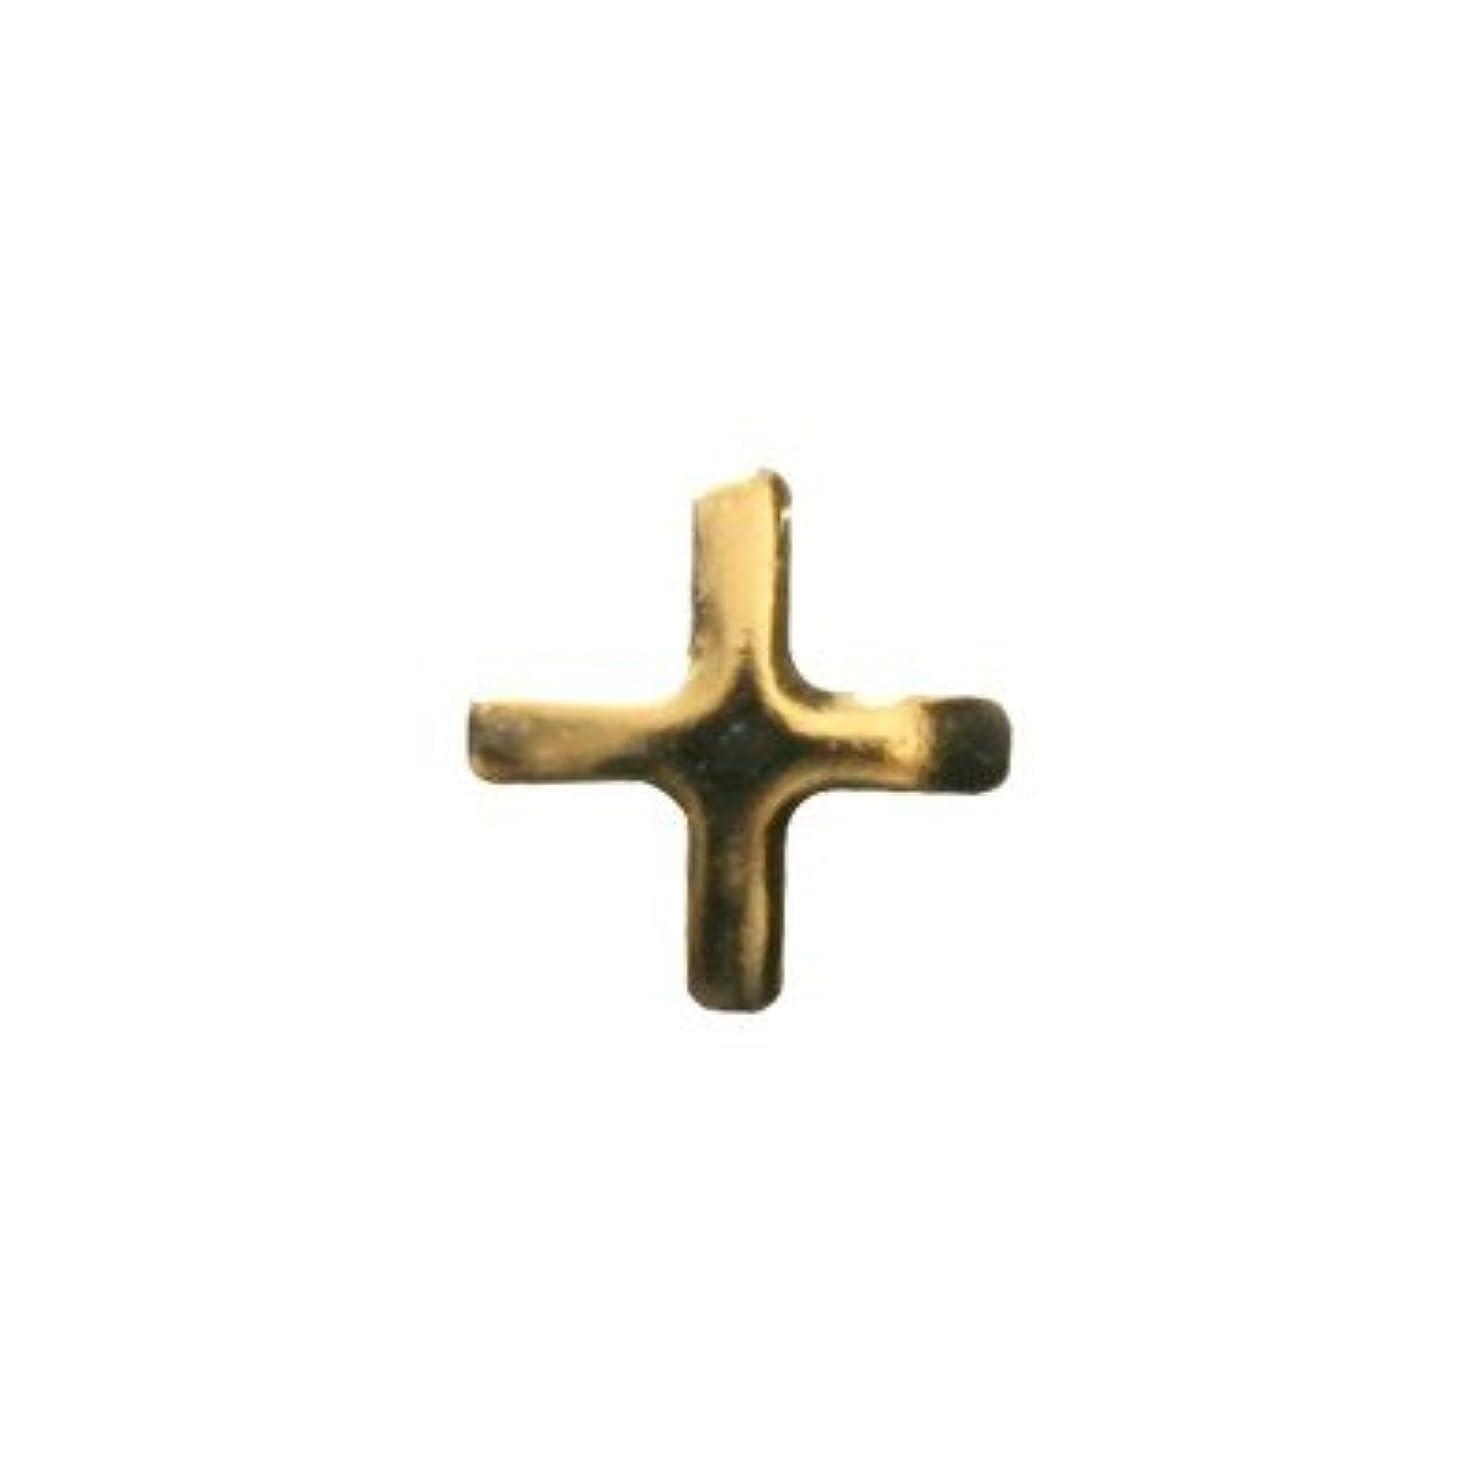 競争タイルタイルピアドラ スタッズ クロスレット ハーフ 3mm 50P ゴールド